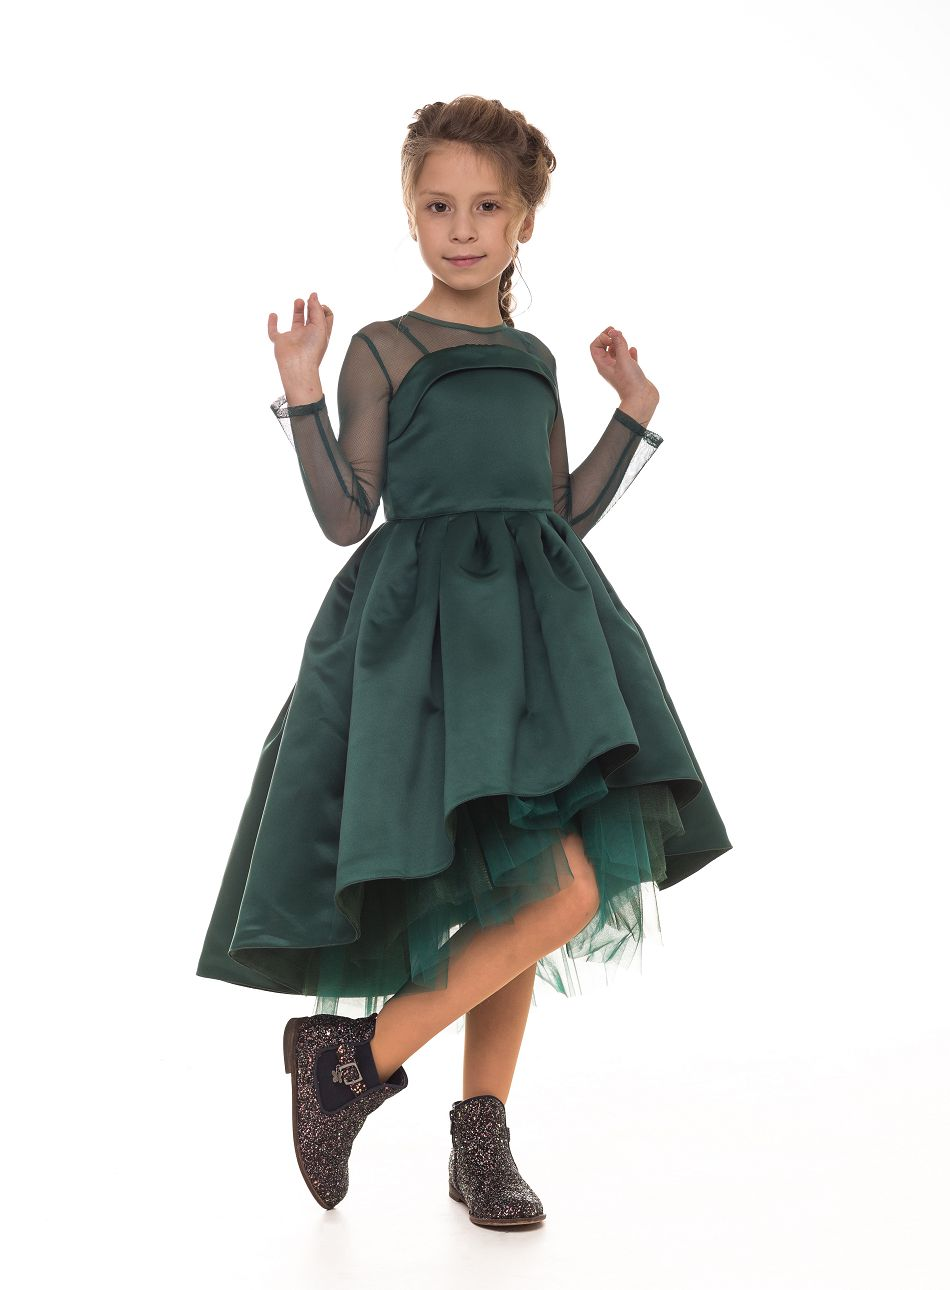 Святкові сукні для дівчаток. Стильні моделі дитячих суконь на свято ... 38e1c0cc72466